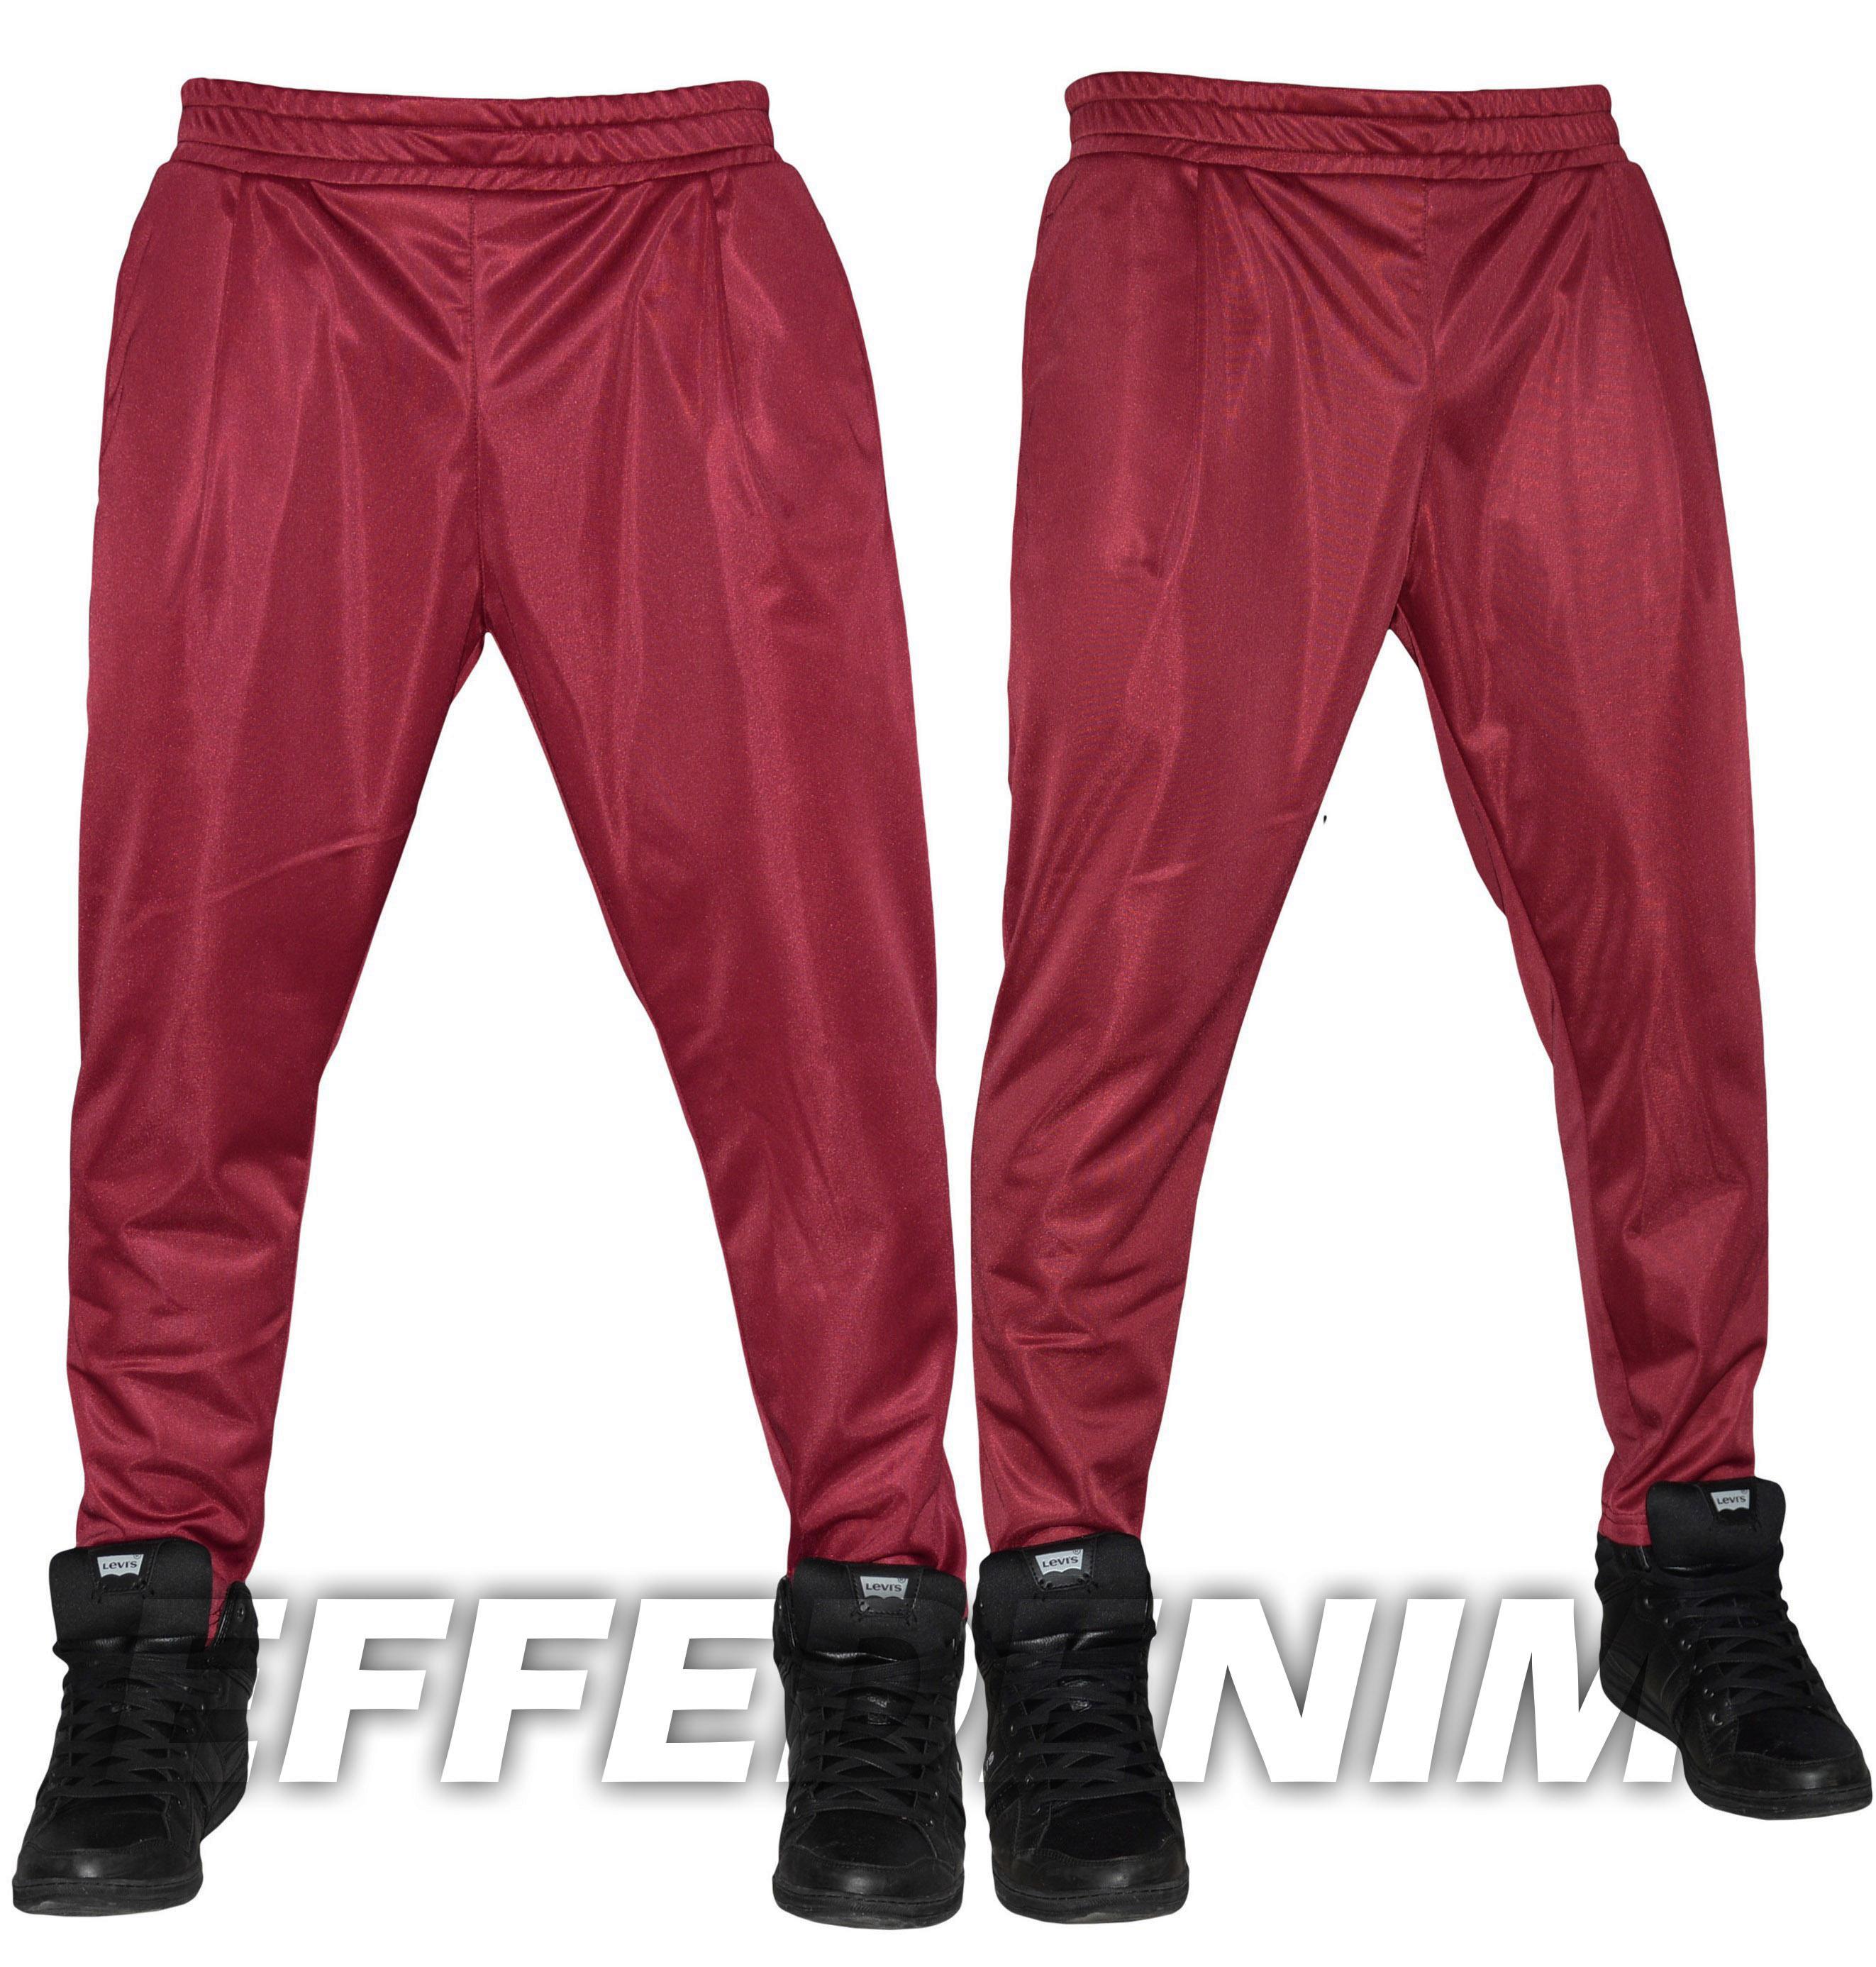 Pantaloni uomo effe denim capri acetato made in italy con for Interno coscia uomo